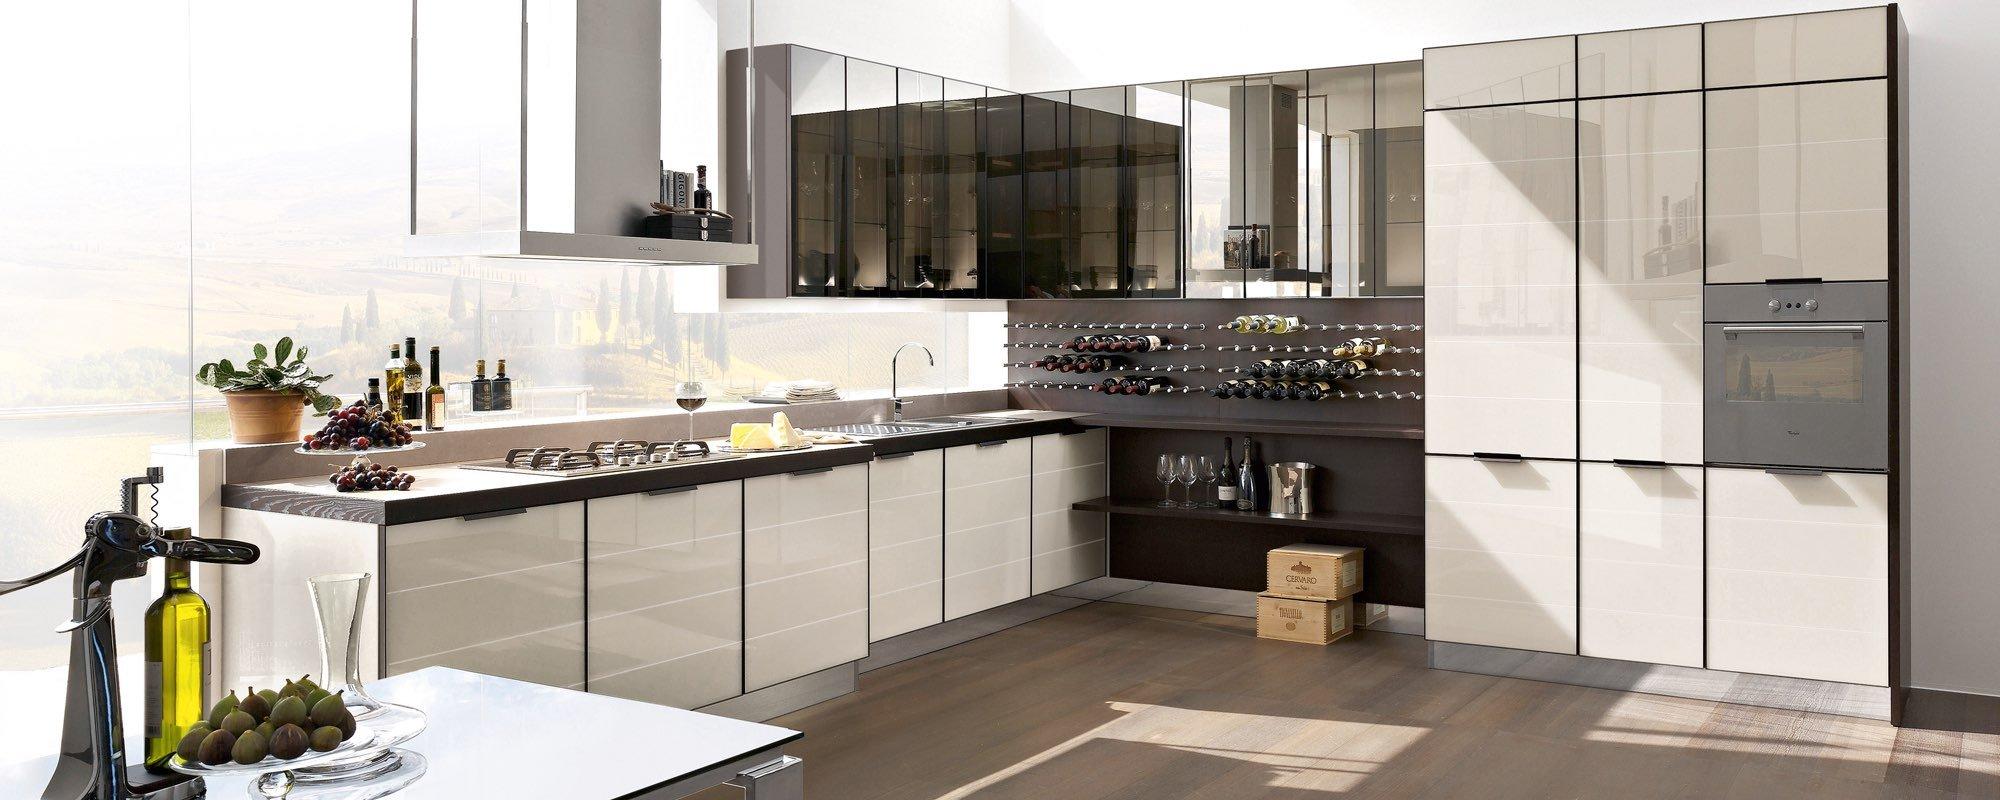 bancone di cucina moderna con arredamento-Brilliant